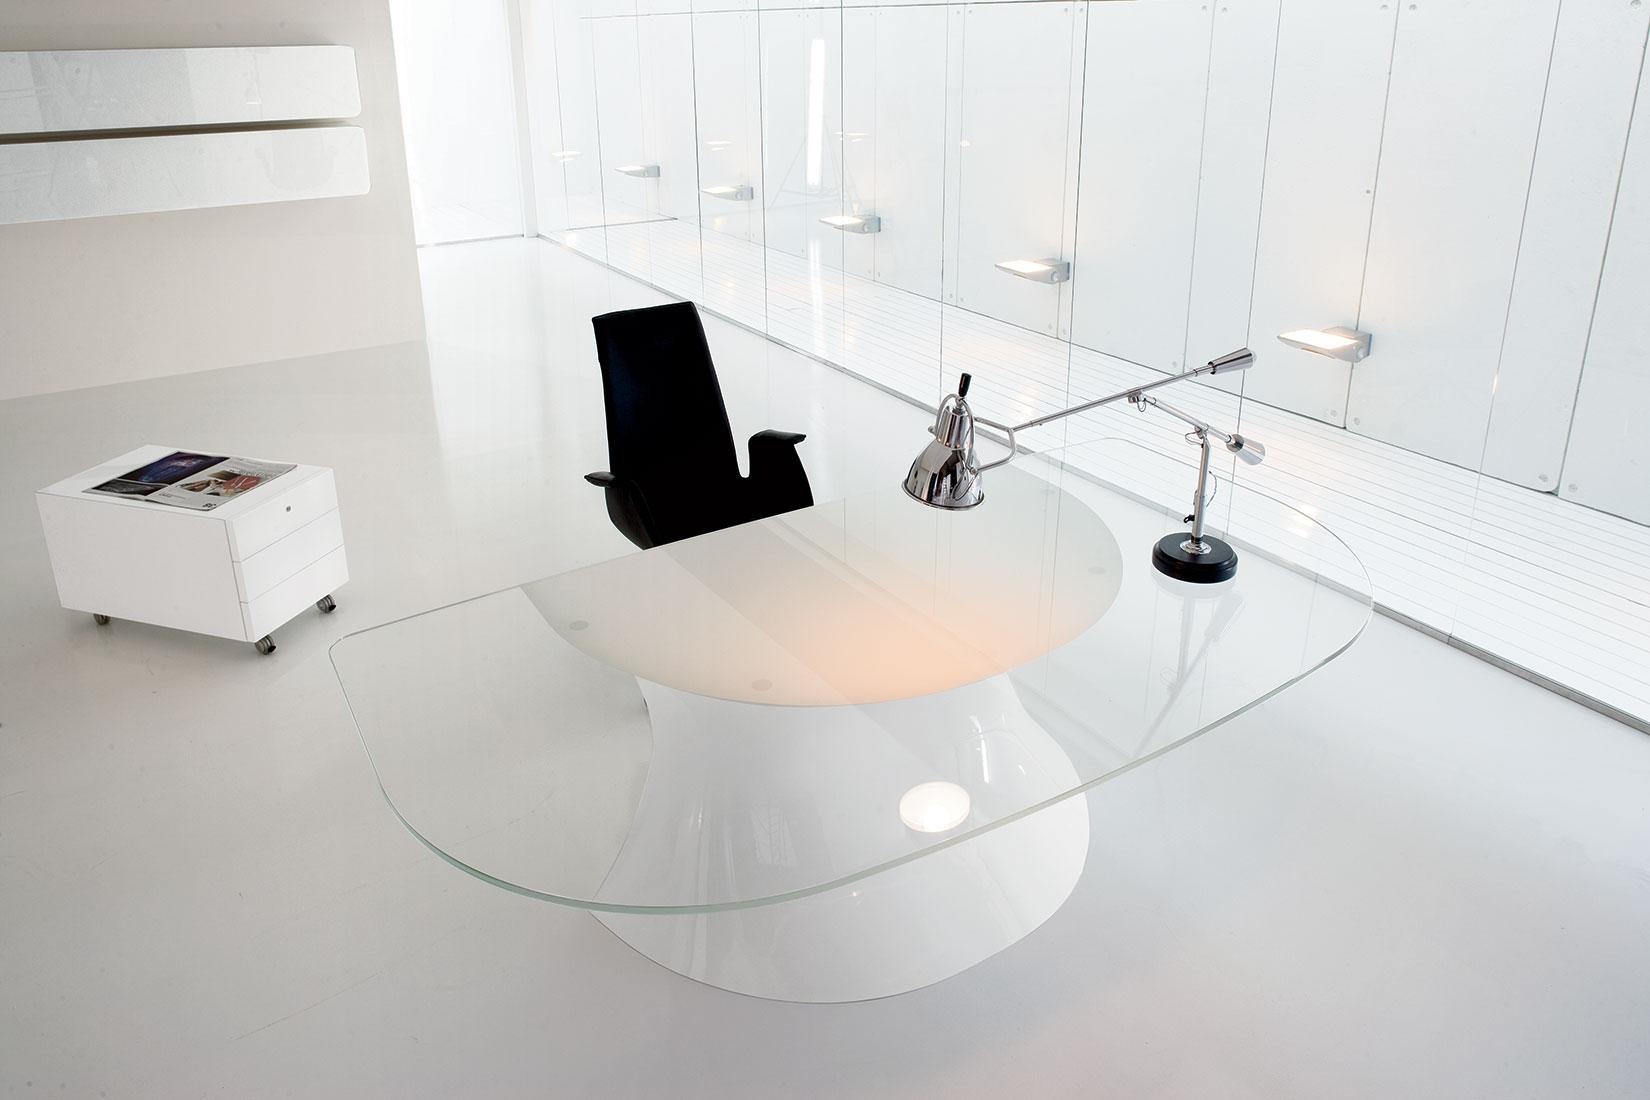 Mobili e scrivanie in vetro o cristallo per un ufficio chic ed